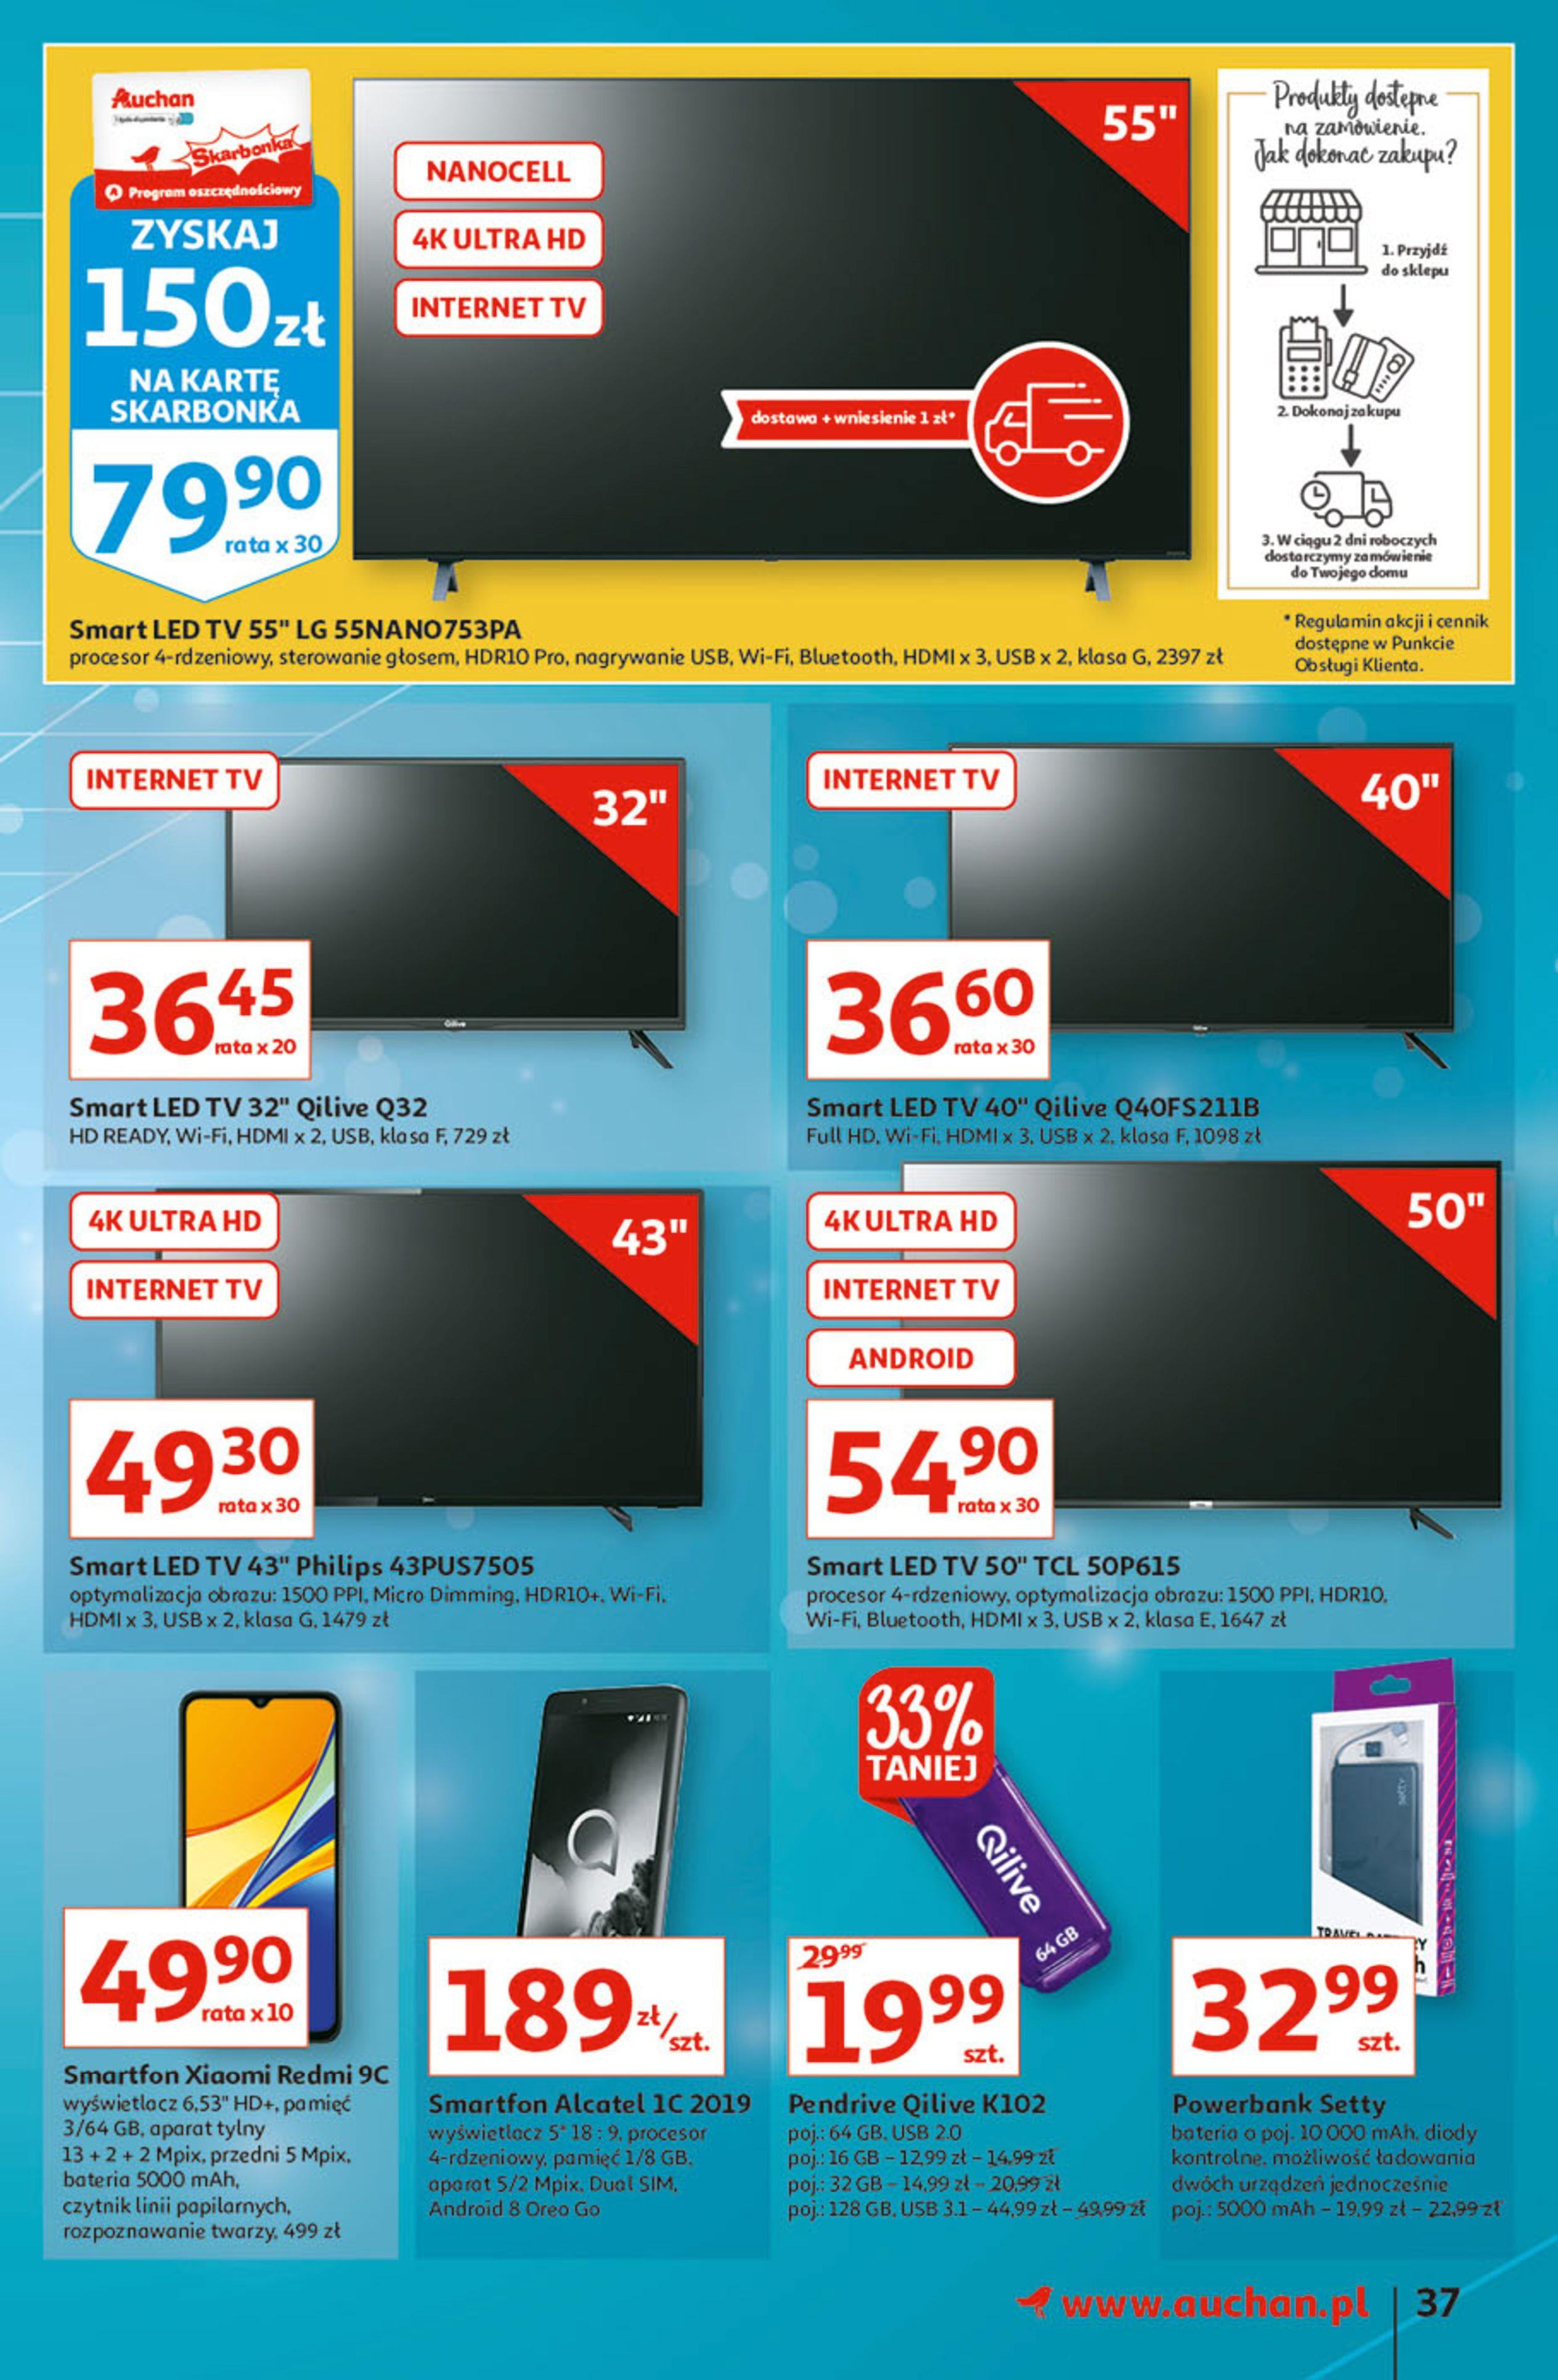 Gazetka Auchan: Gazetka Auchan - Hiperoszczędzanie w wersji Maxi Paki Hipermarkety 2021-09-16 page-37